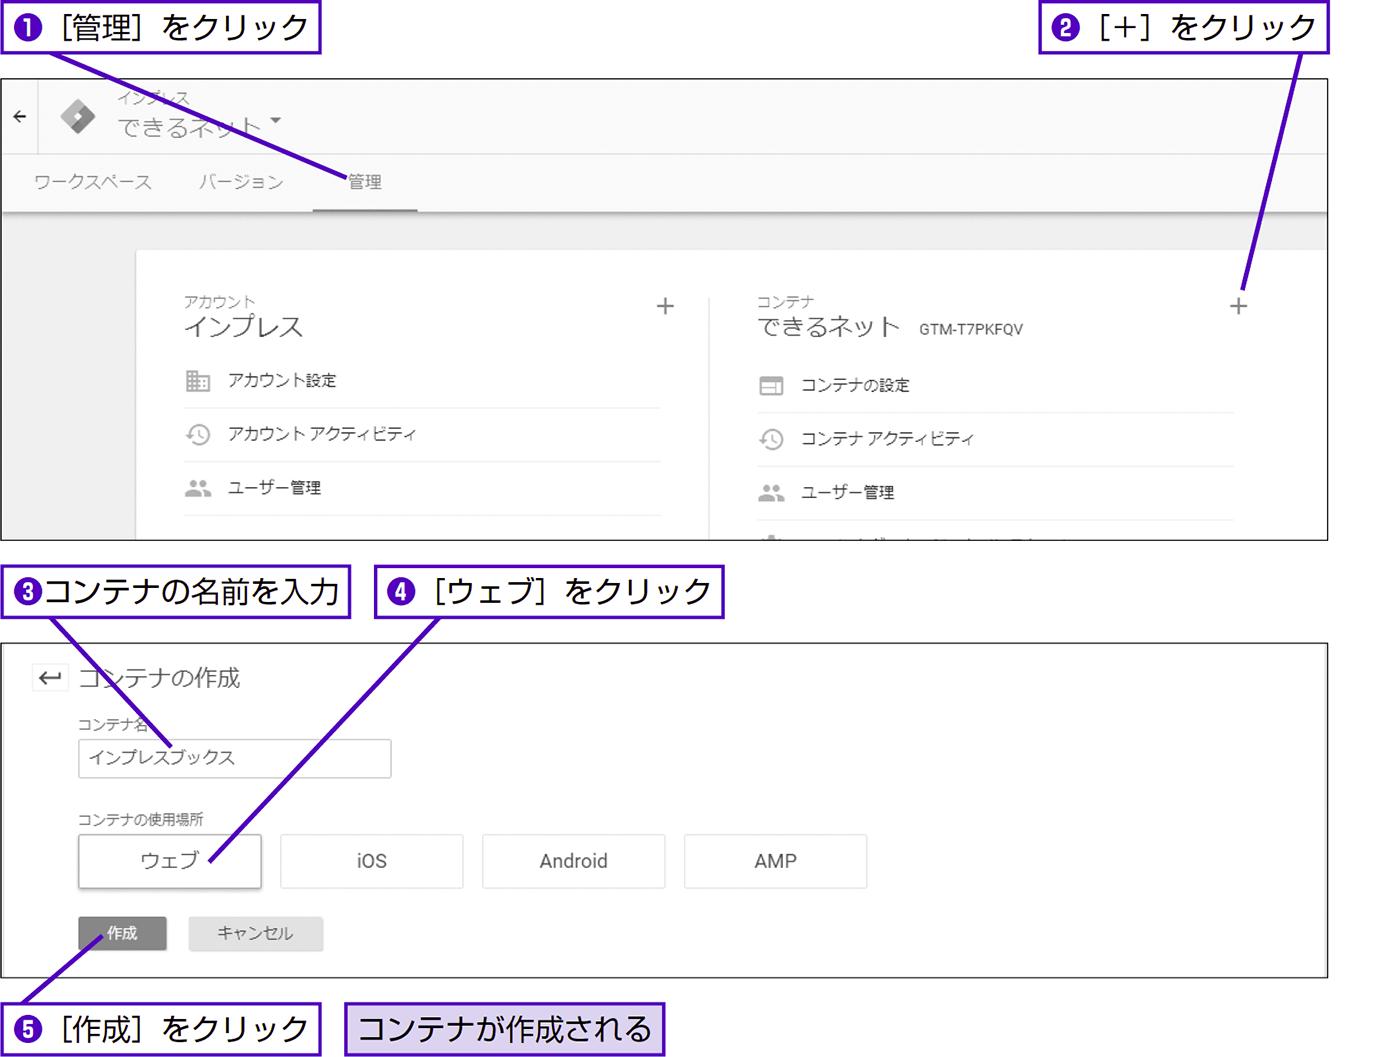 Googleアナリティクスで解析するサイトを新規に追加する - できる逆引き Googleアナリティクス 増補改訂2版